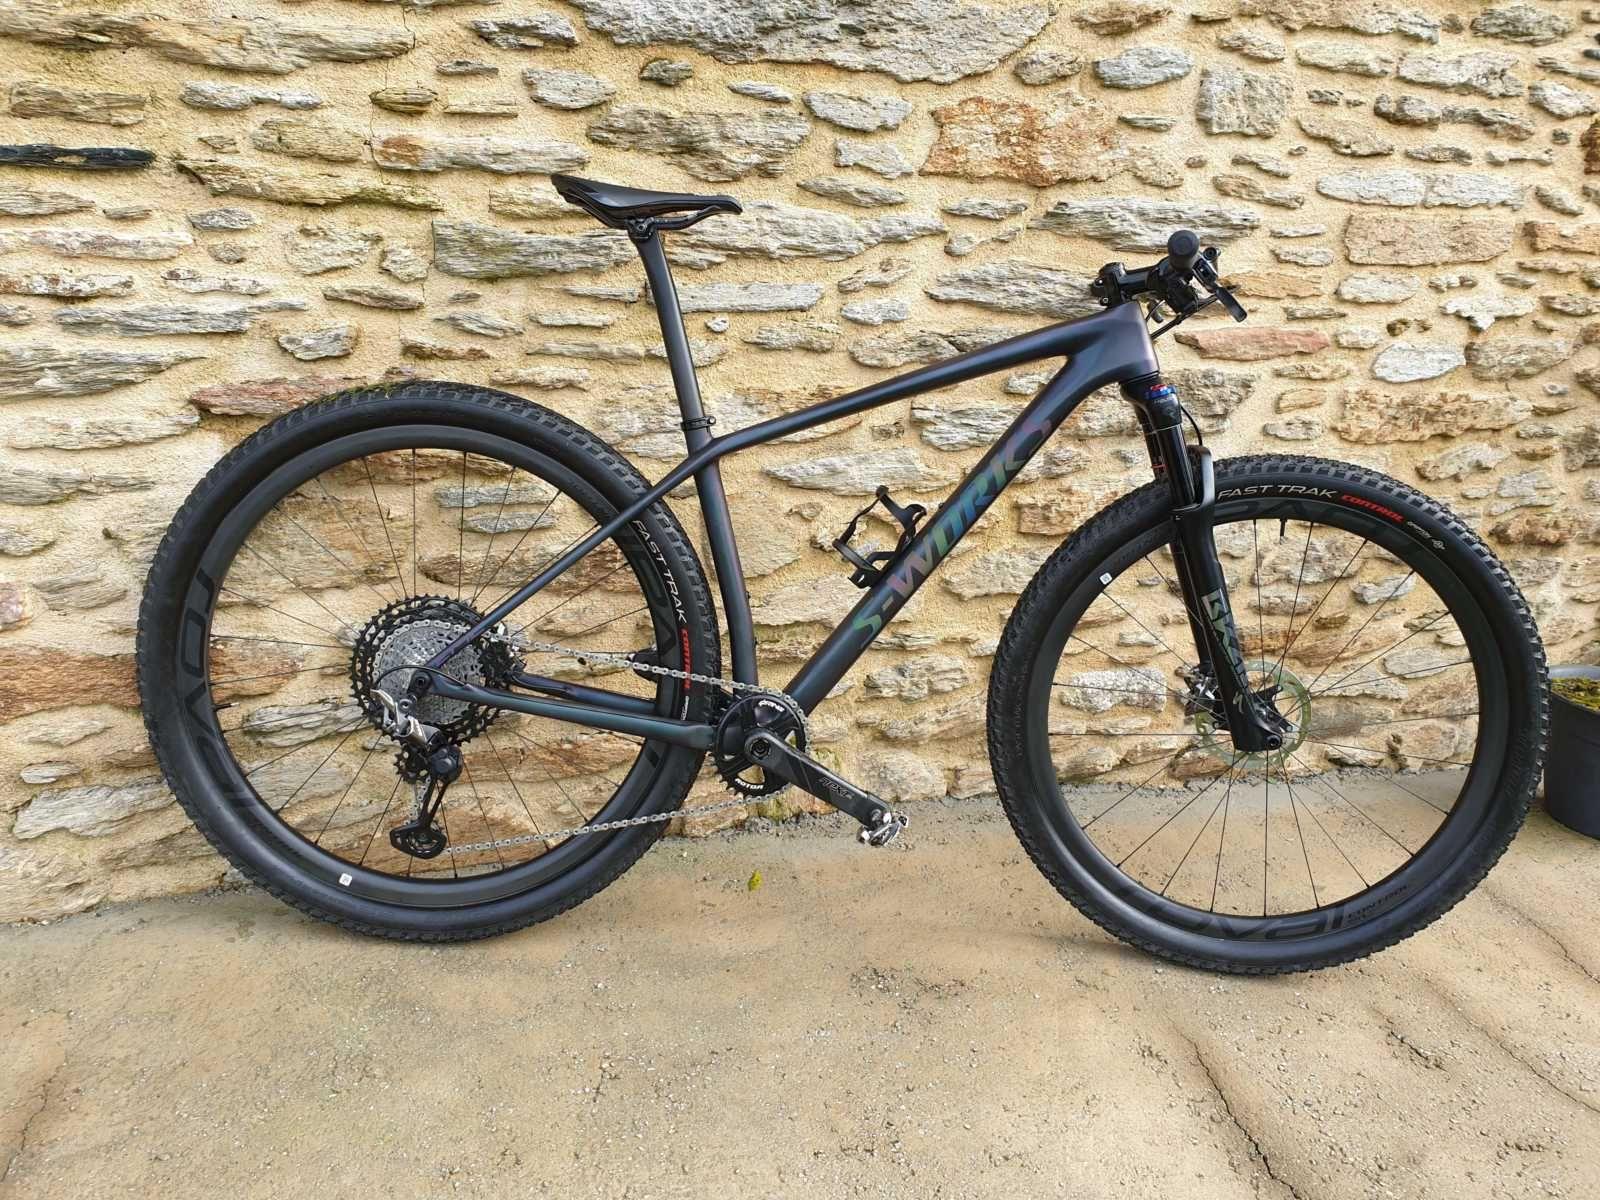 Bicicleta Specialized Epic Ht En Talla M 57453 Categoría Bicicletas De Montaña Año 2020 Cambio Shima Bicicletas Bicicletas Mountain Bike Bicicletas Mtb